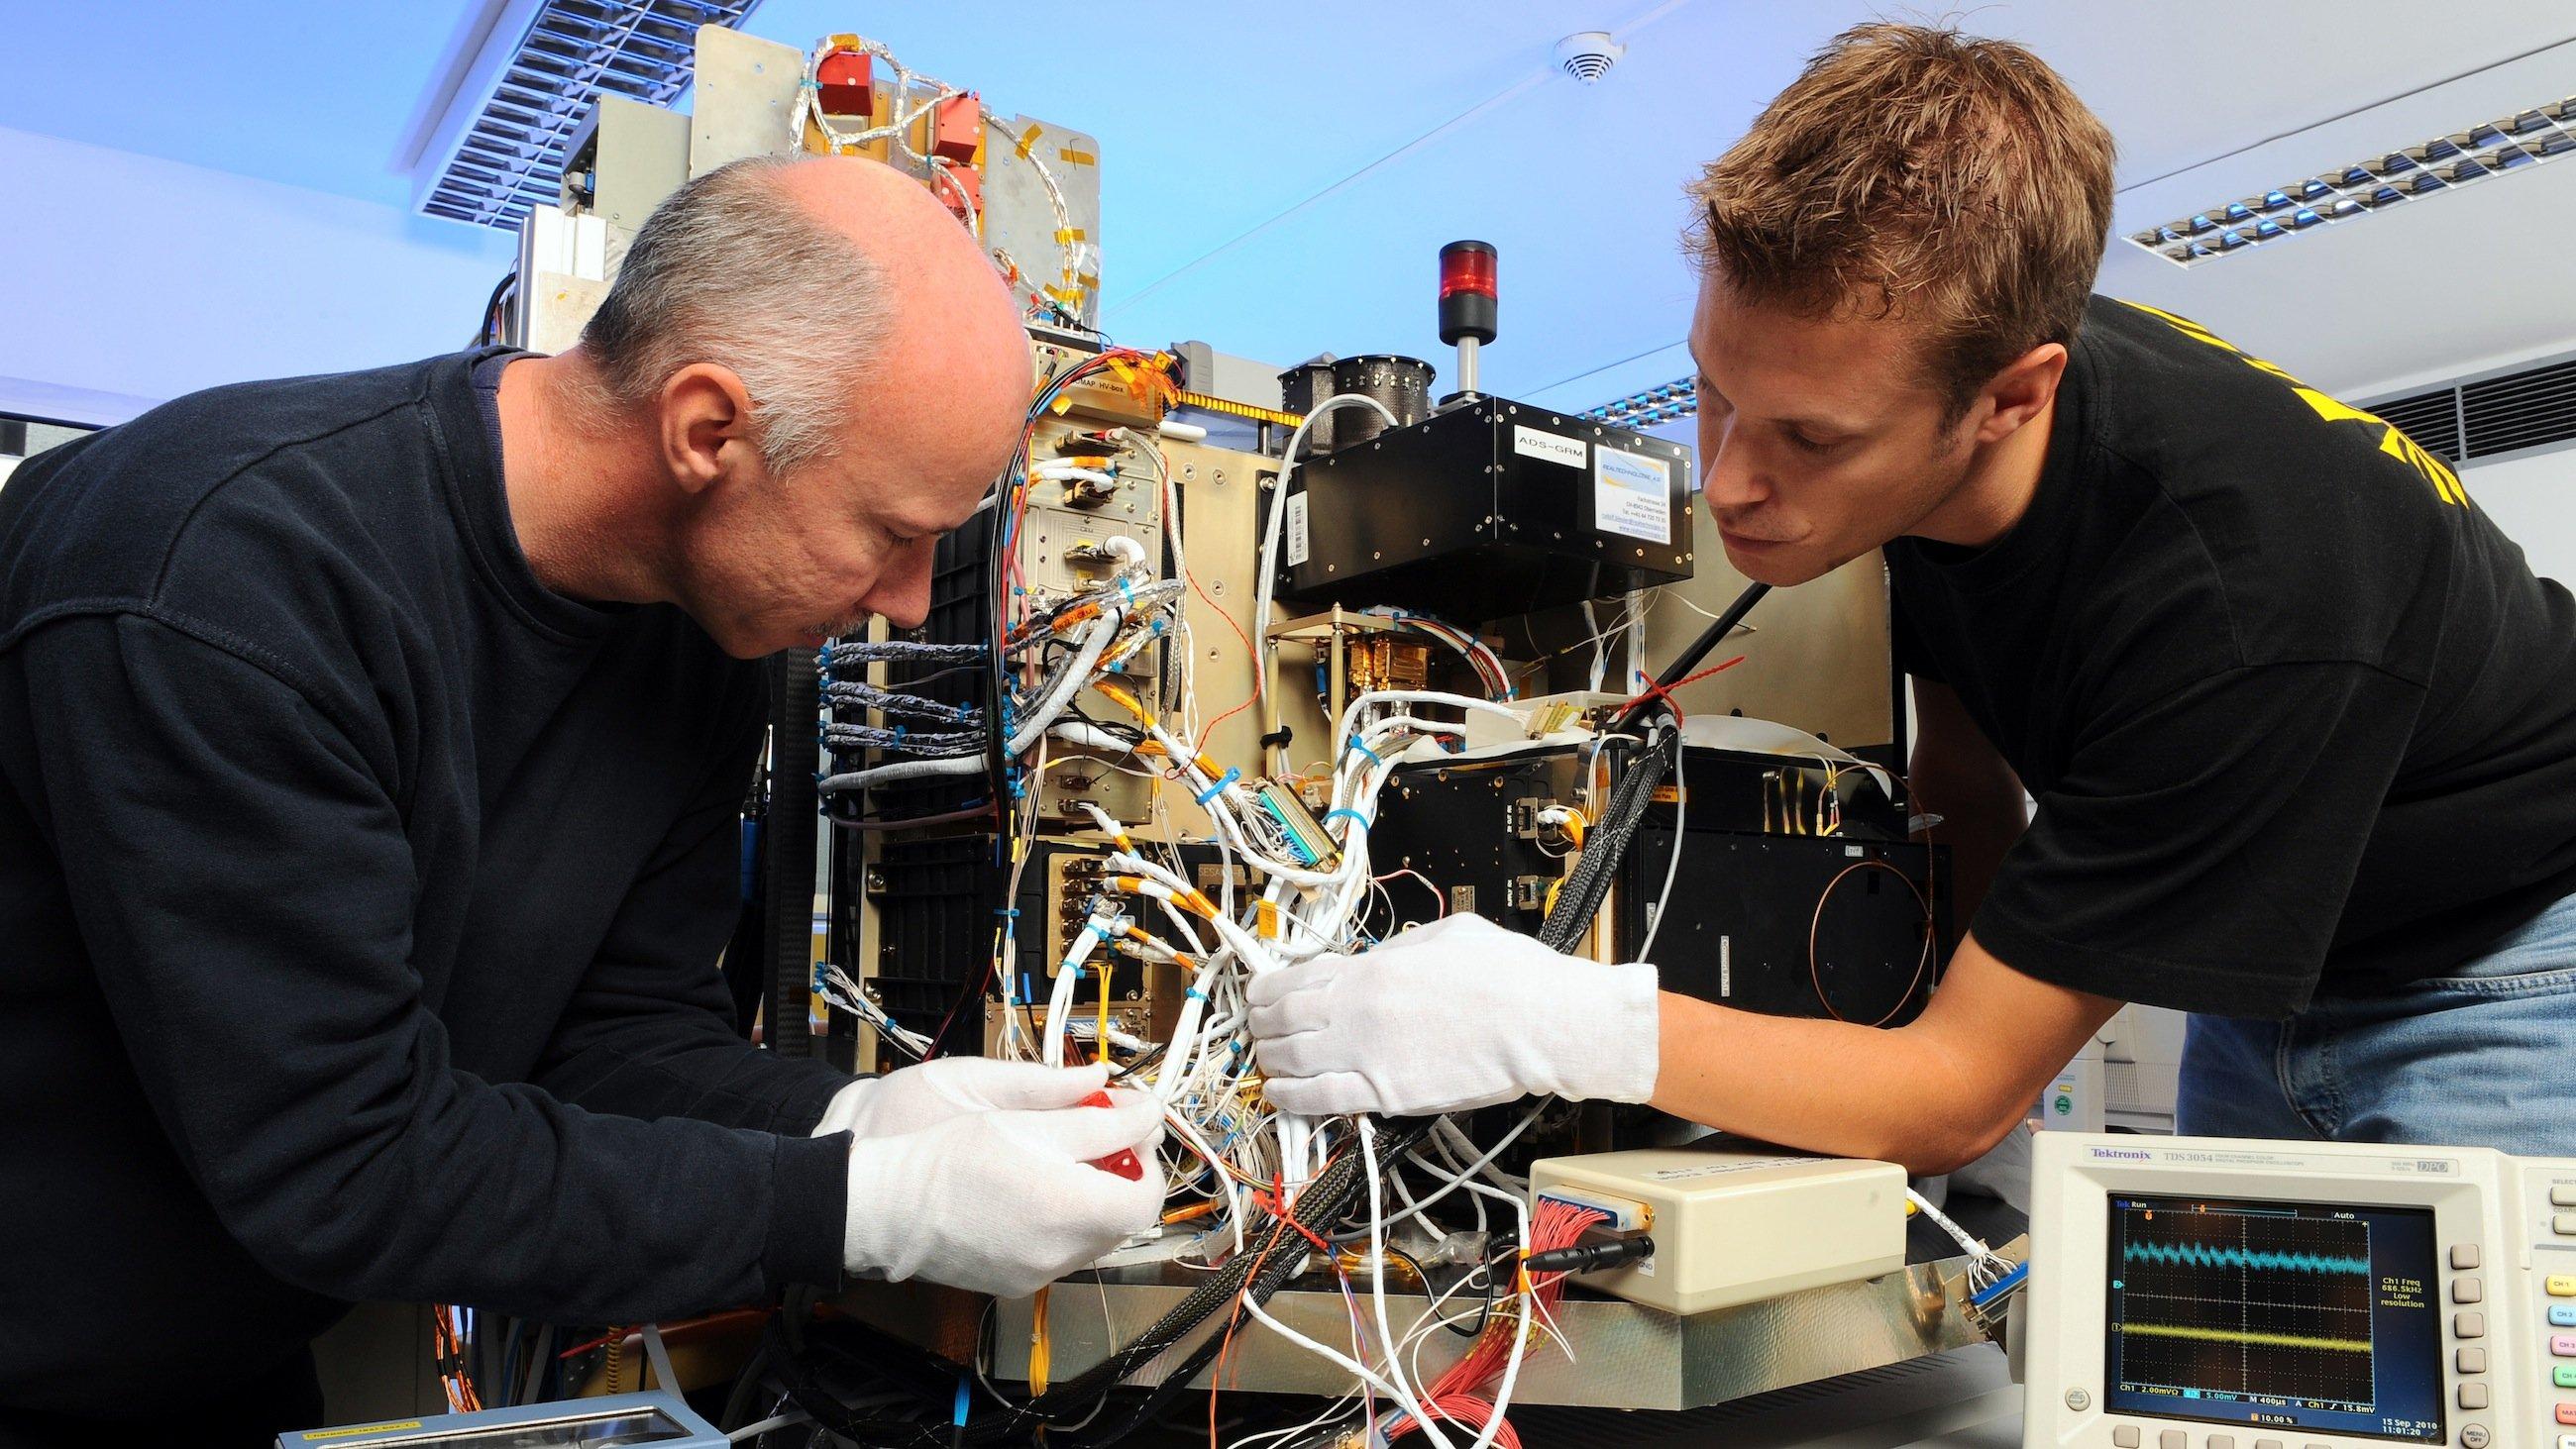 An einem Modell von Lander Philae am Deutschen Zentrum für Luft- und Raumfahrt (DLR) testen Ingenieure des DLR-Lander-Kontrollzentrums neue Kommandos für Philae.